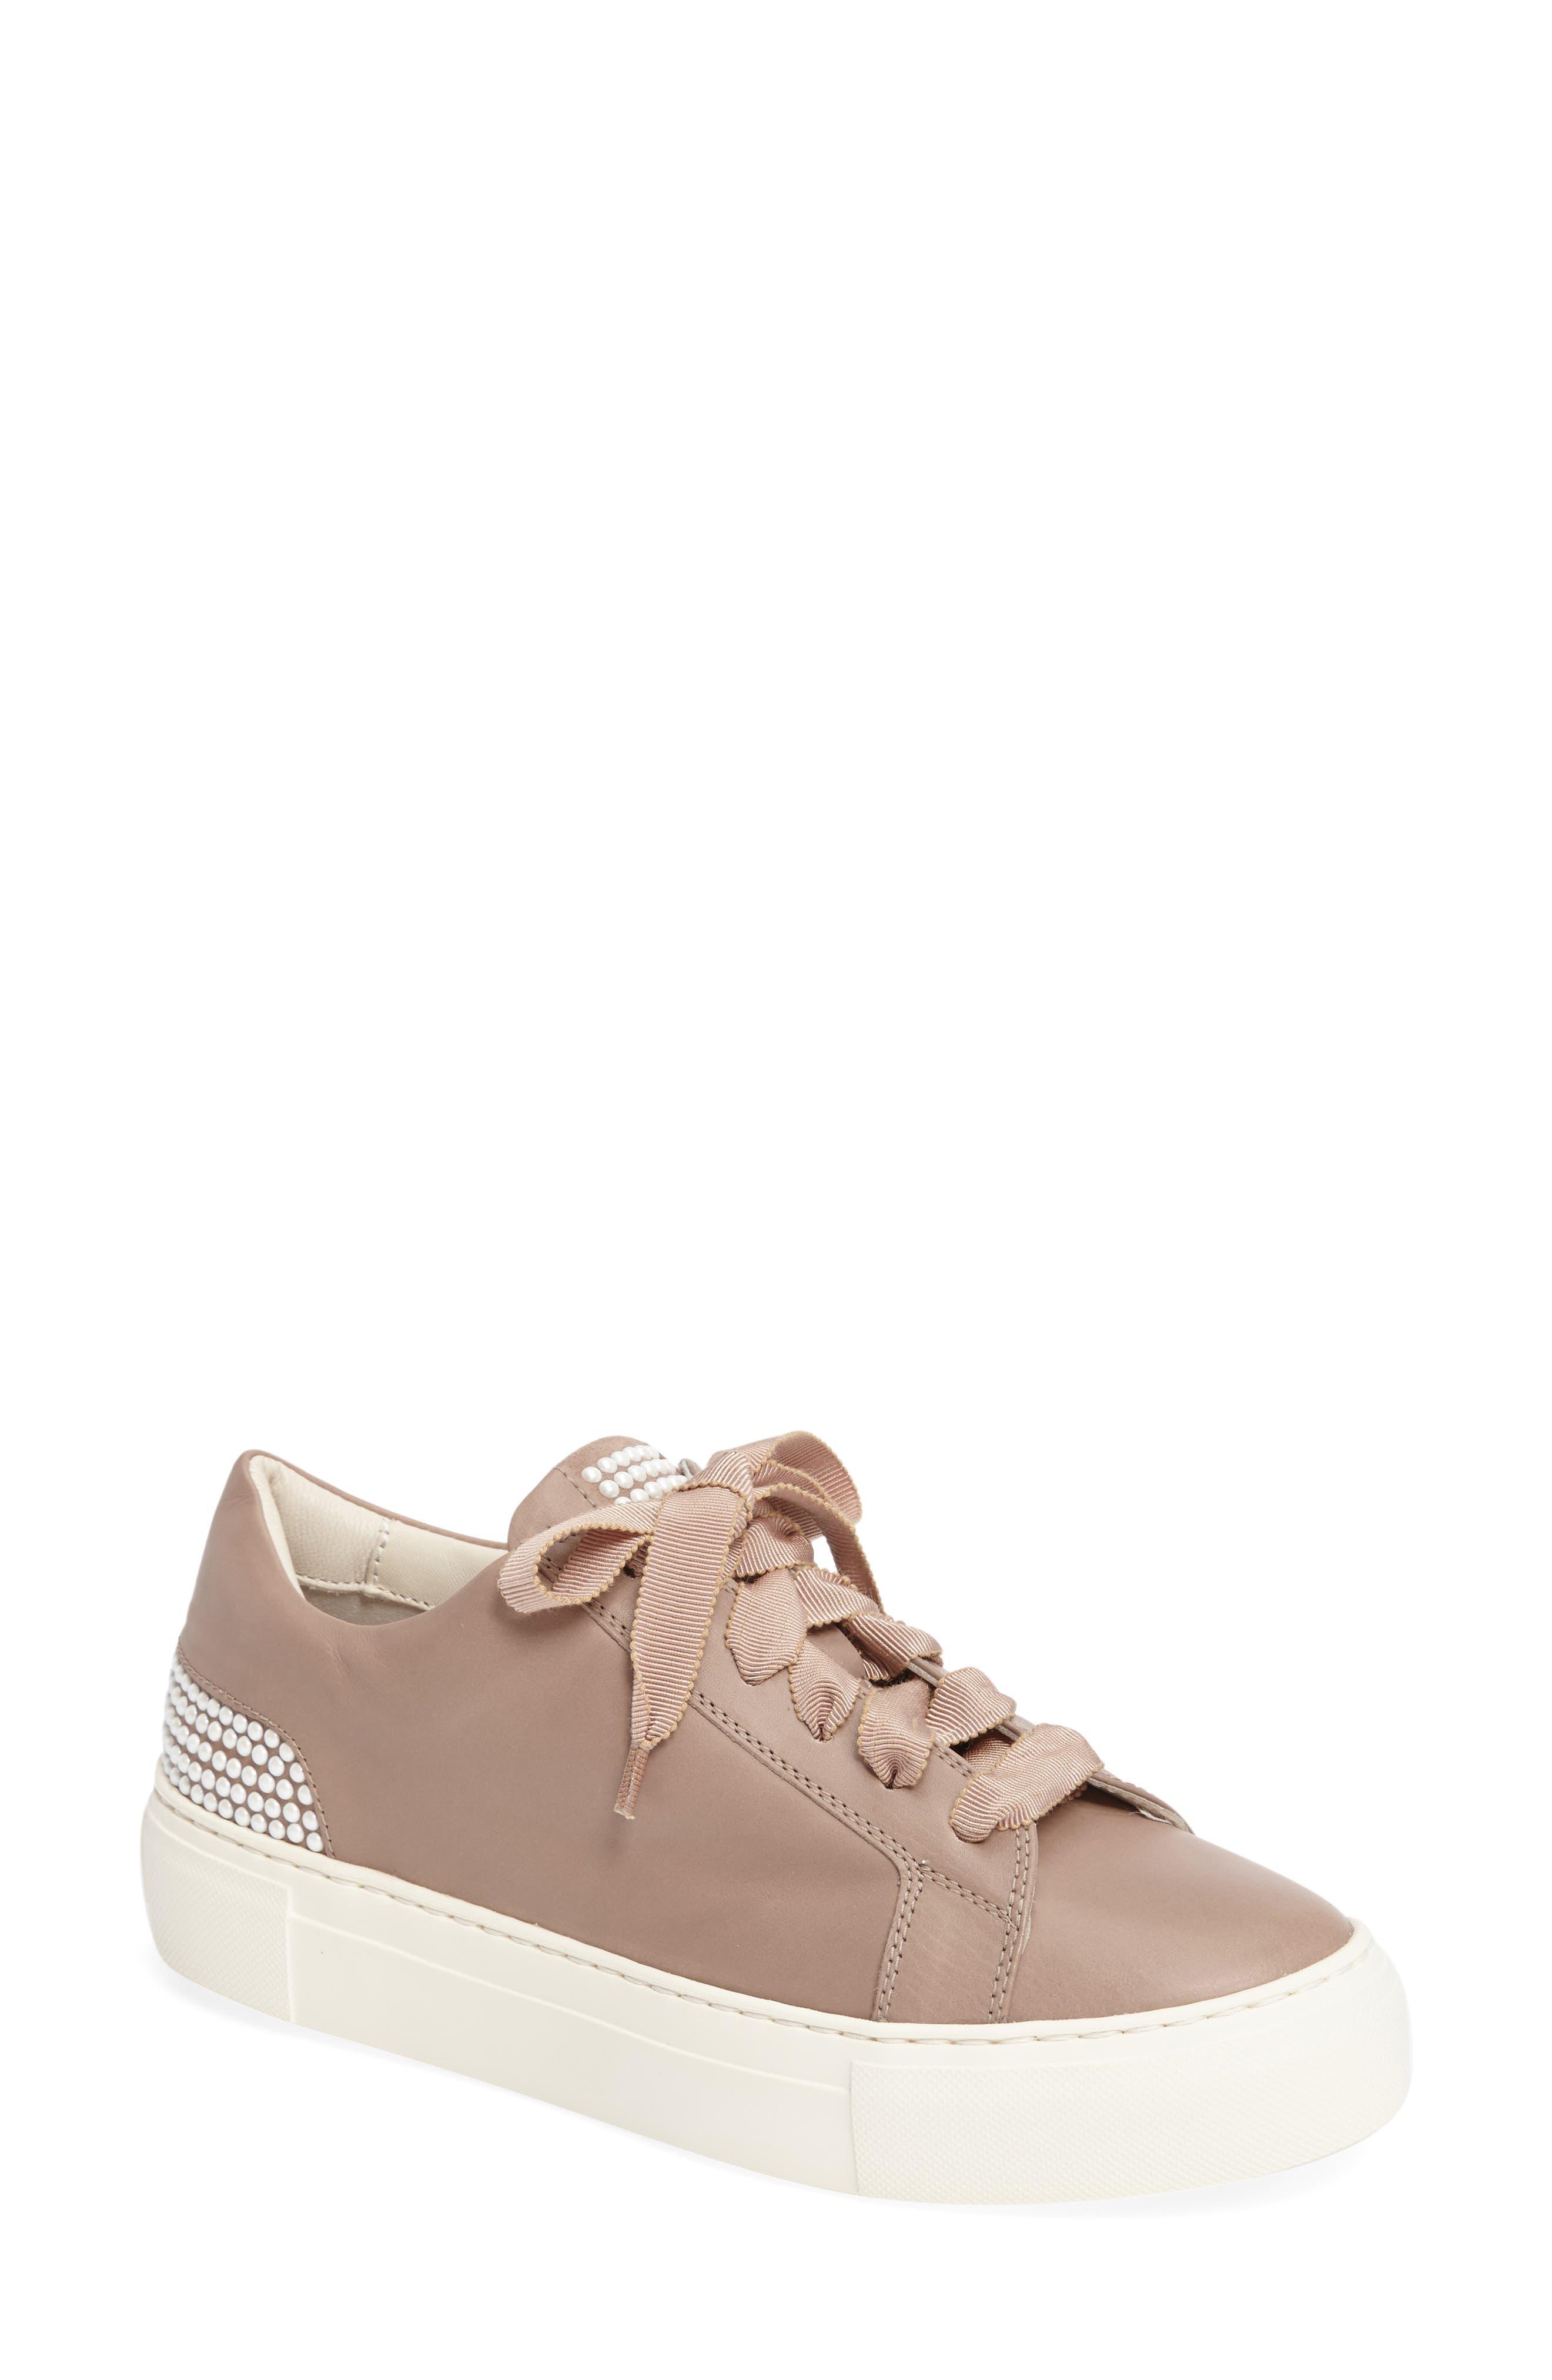 Agl Pearl Sneaker - Beige